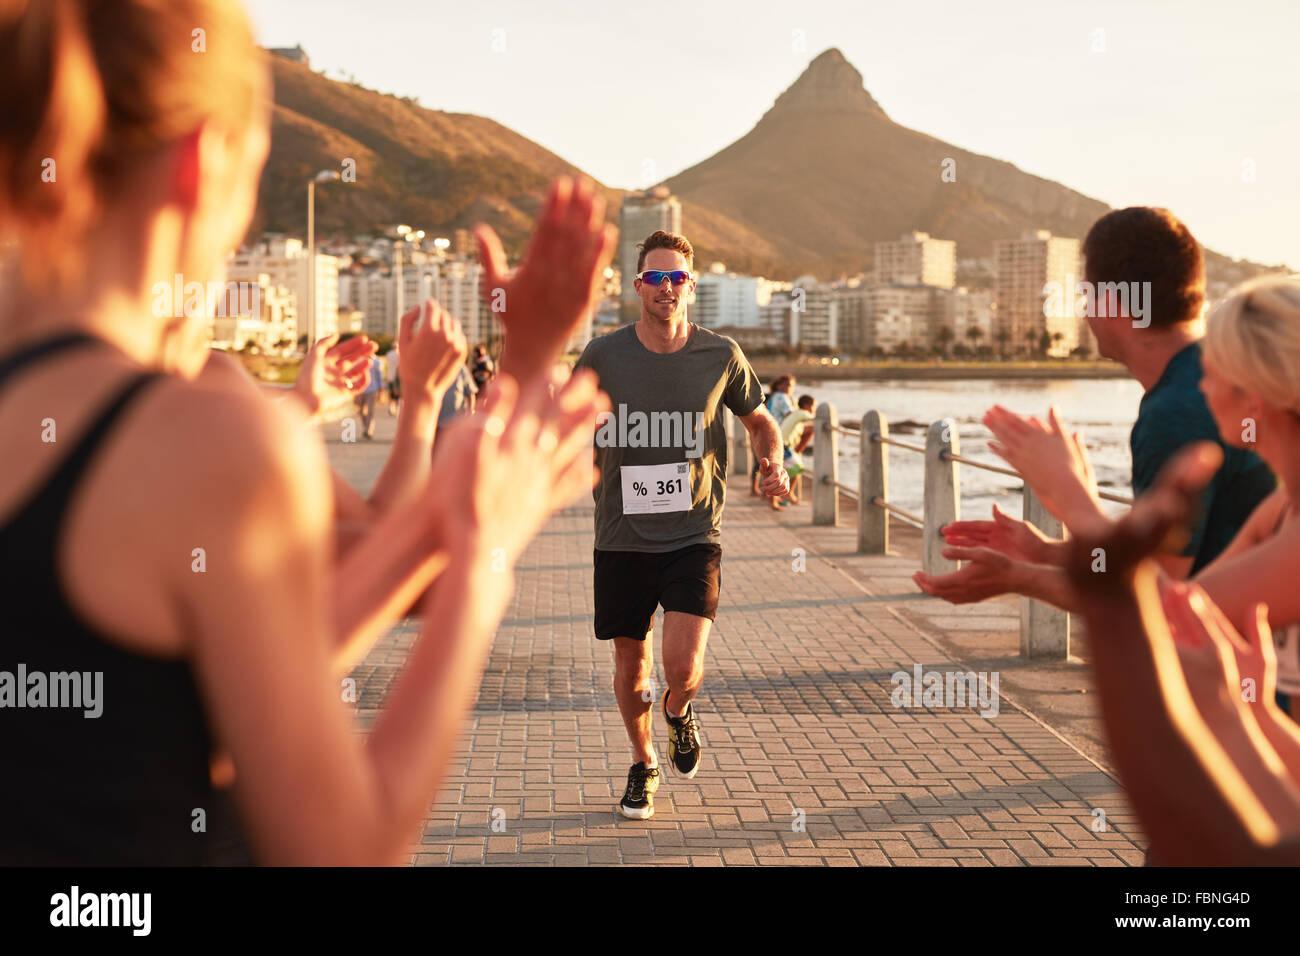 Giovane atleta maschio essendo applaudito dai sostenitori come egli raggiunge il traguardo di una gara di corsa. Immagini Stock